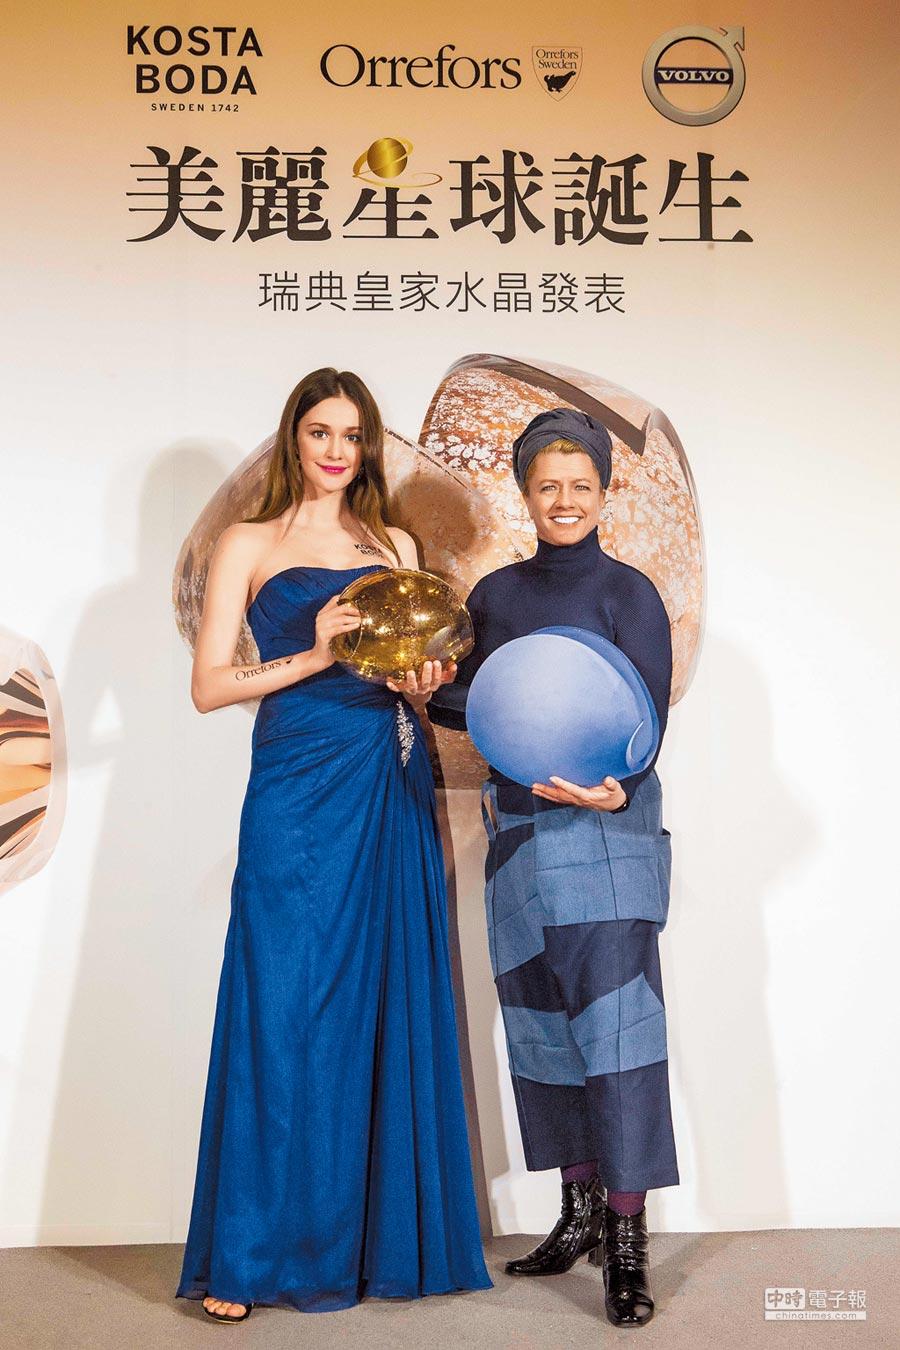 瑞典PLANET新星系列設計師Lena Bergstrom(右)旋風訪台,手捧作品「王子」;其旁模特兒瑞莎則拿著她的另一件作品「金星」。